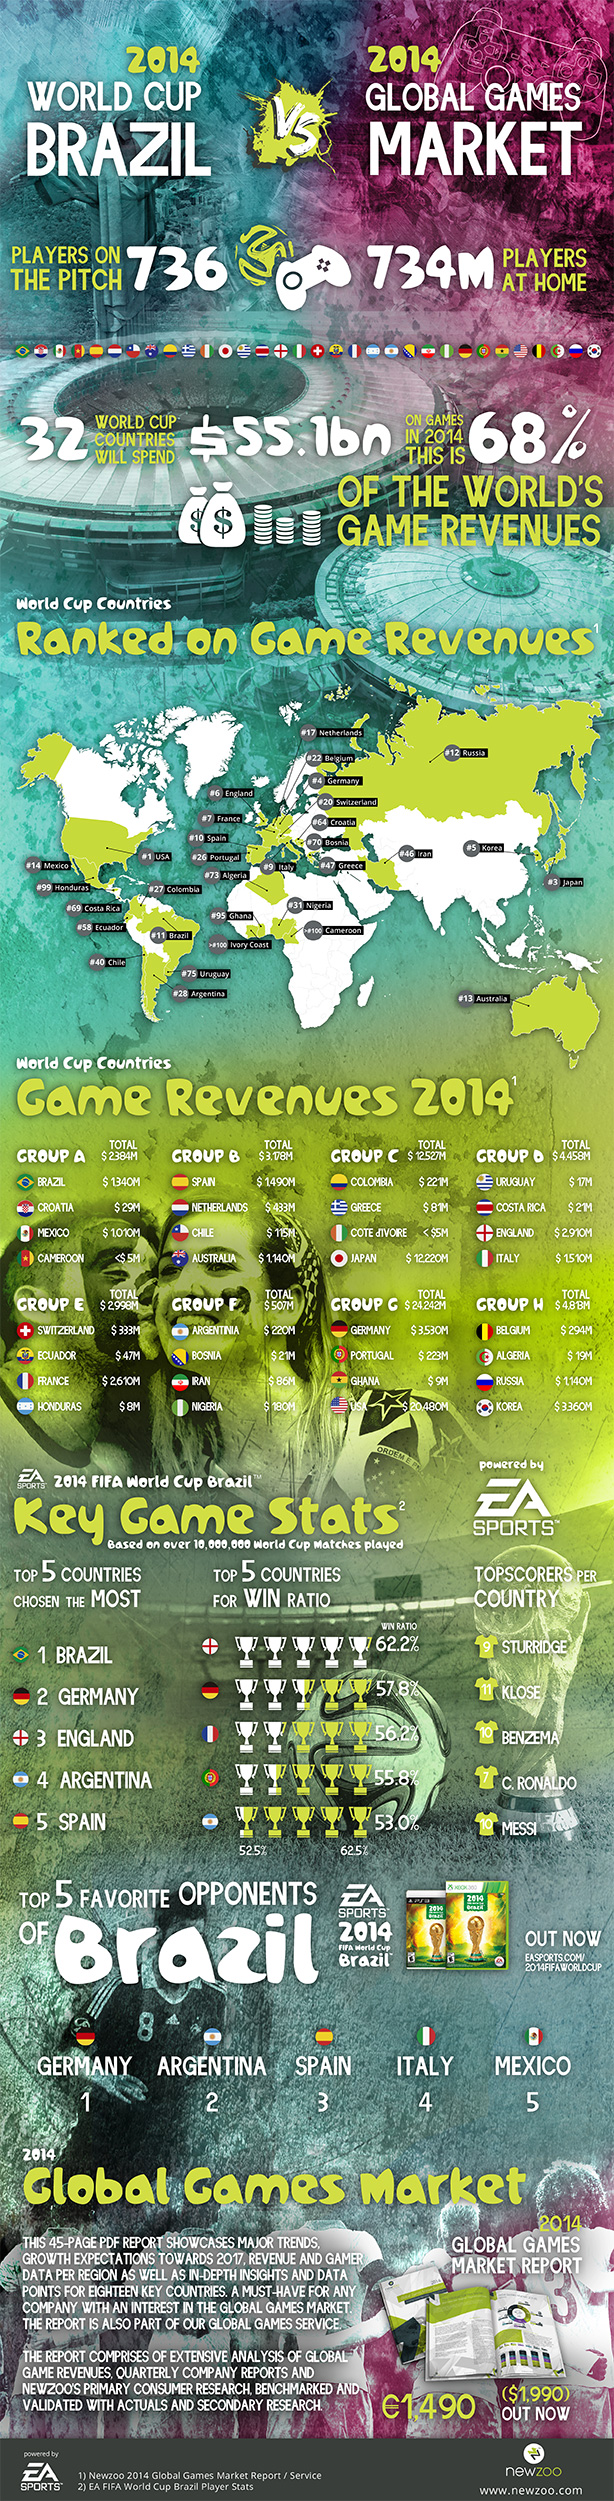 614xNewzoo2014-WorldCup-Infographic